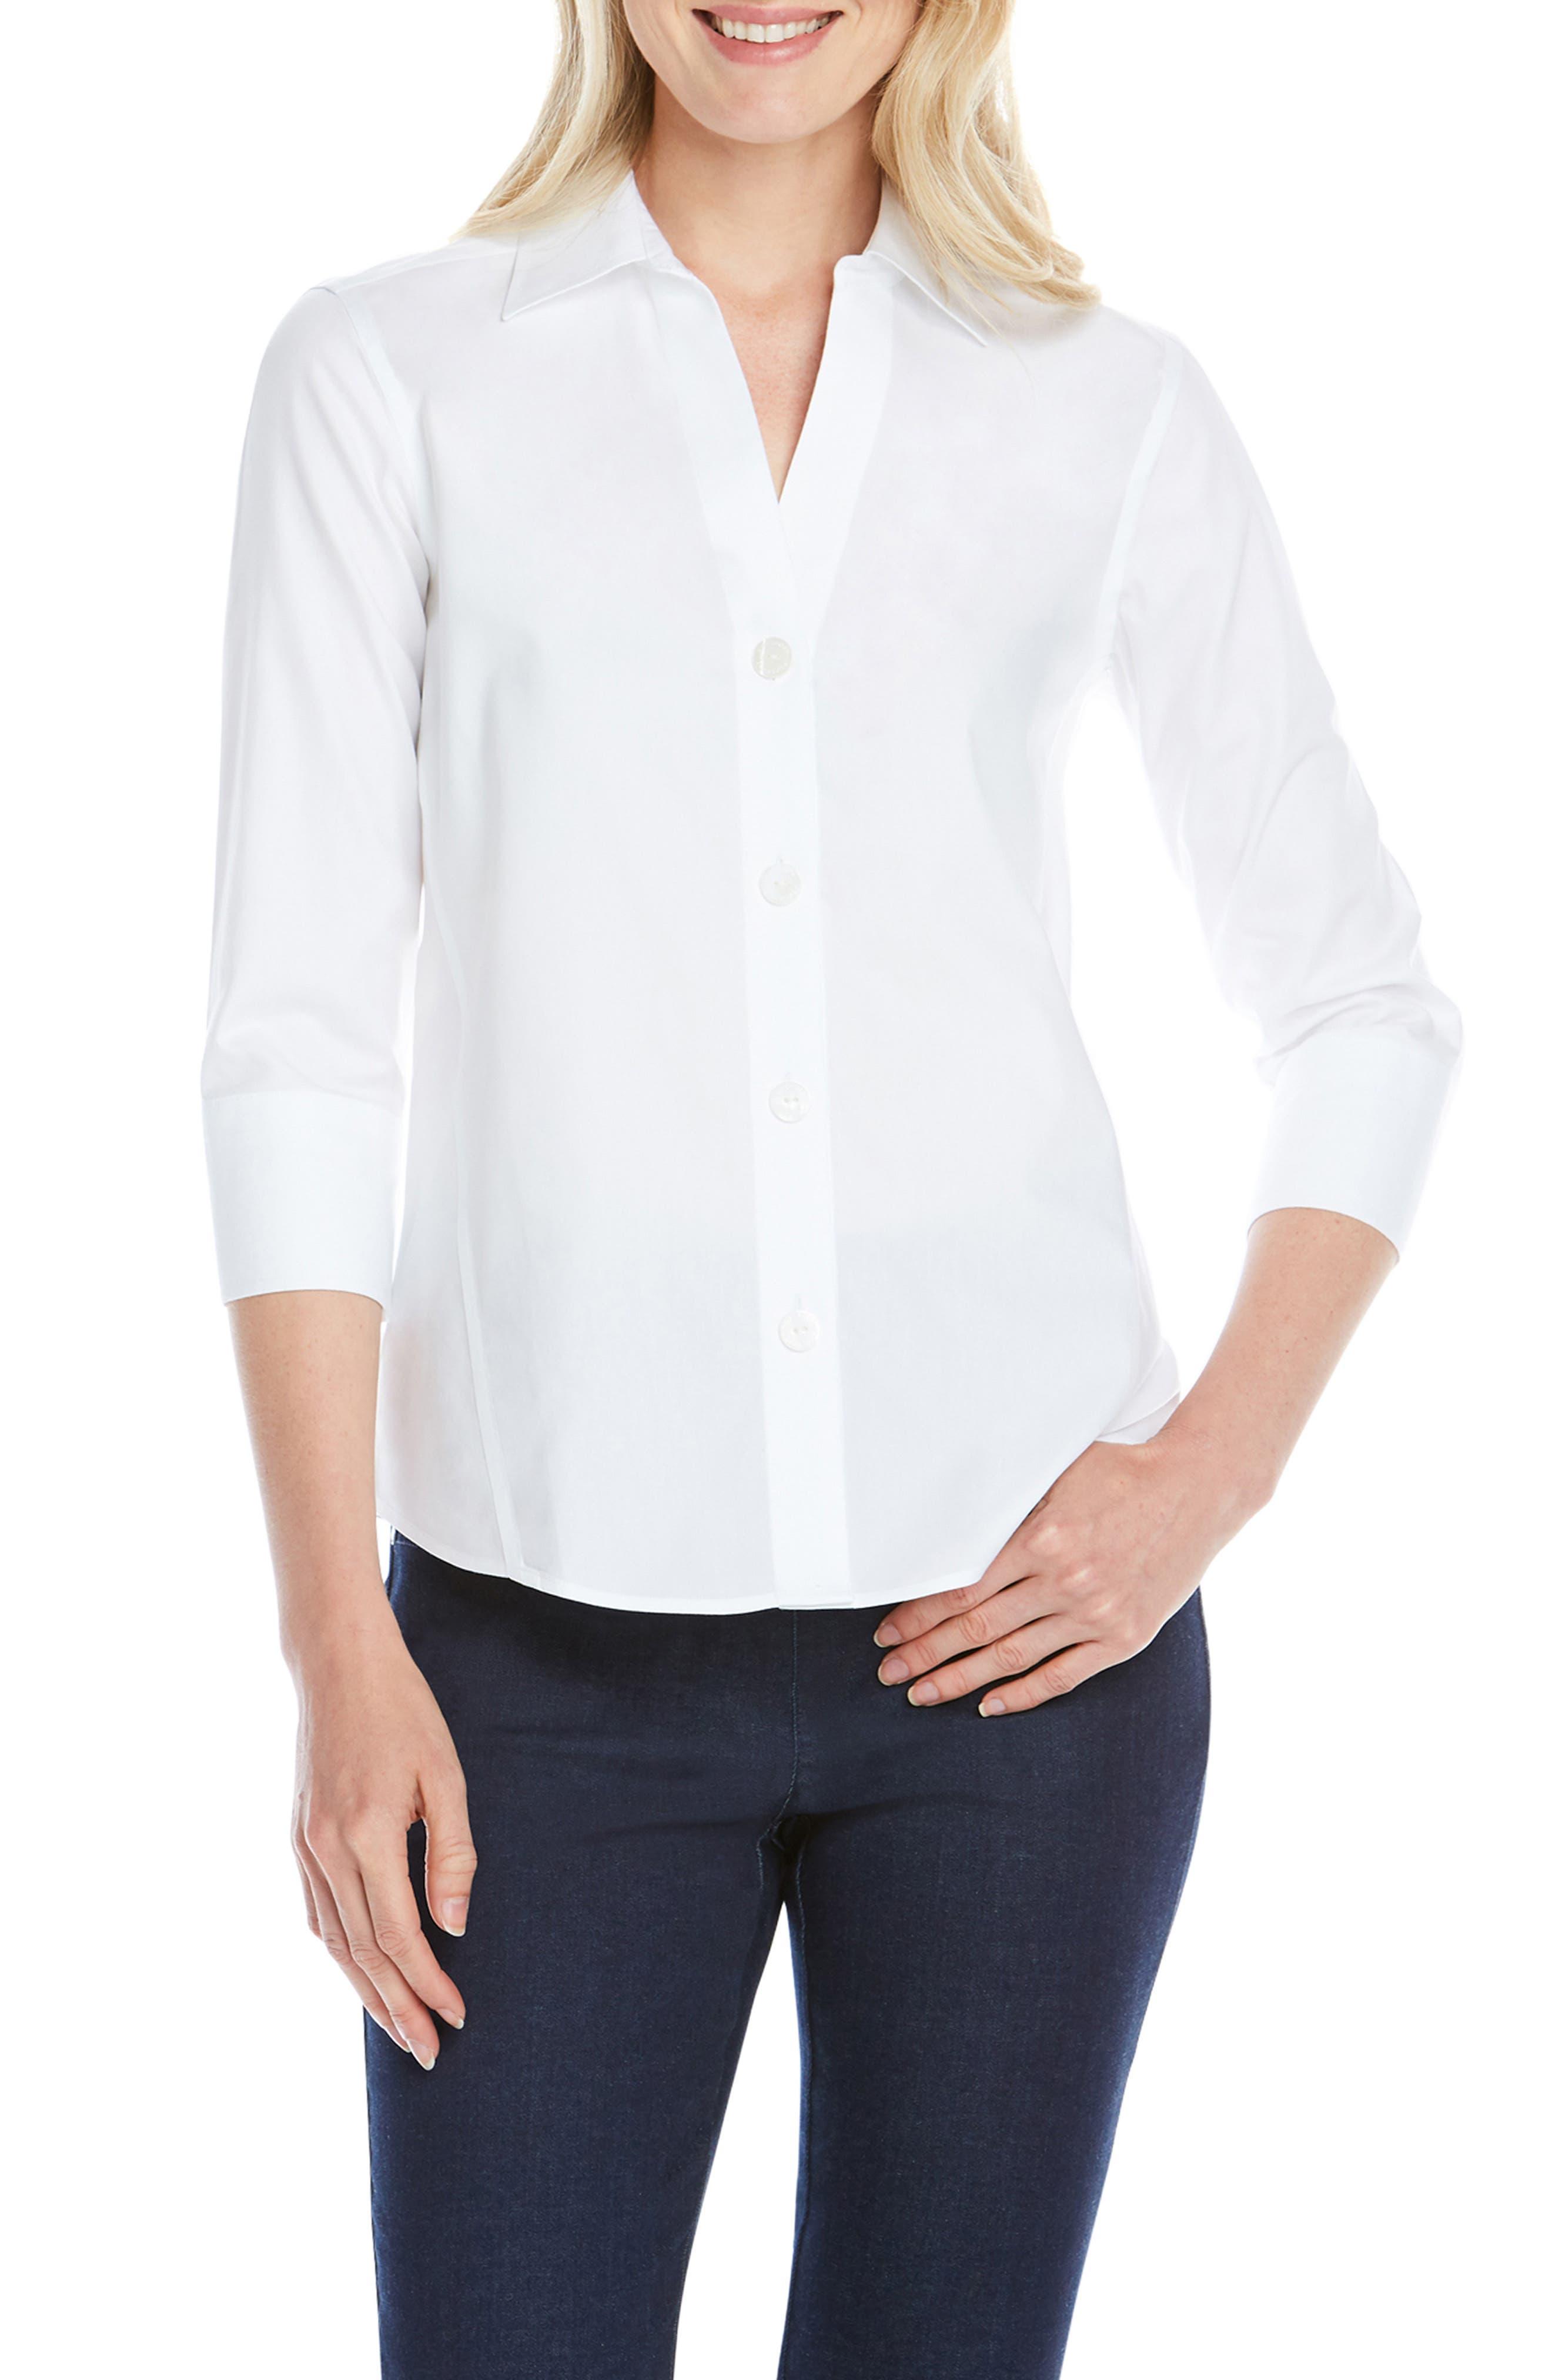 Paityn Non-Iron Cotton Shirt,                             Main thumbnail 1, color,                             WHITE